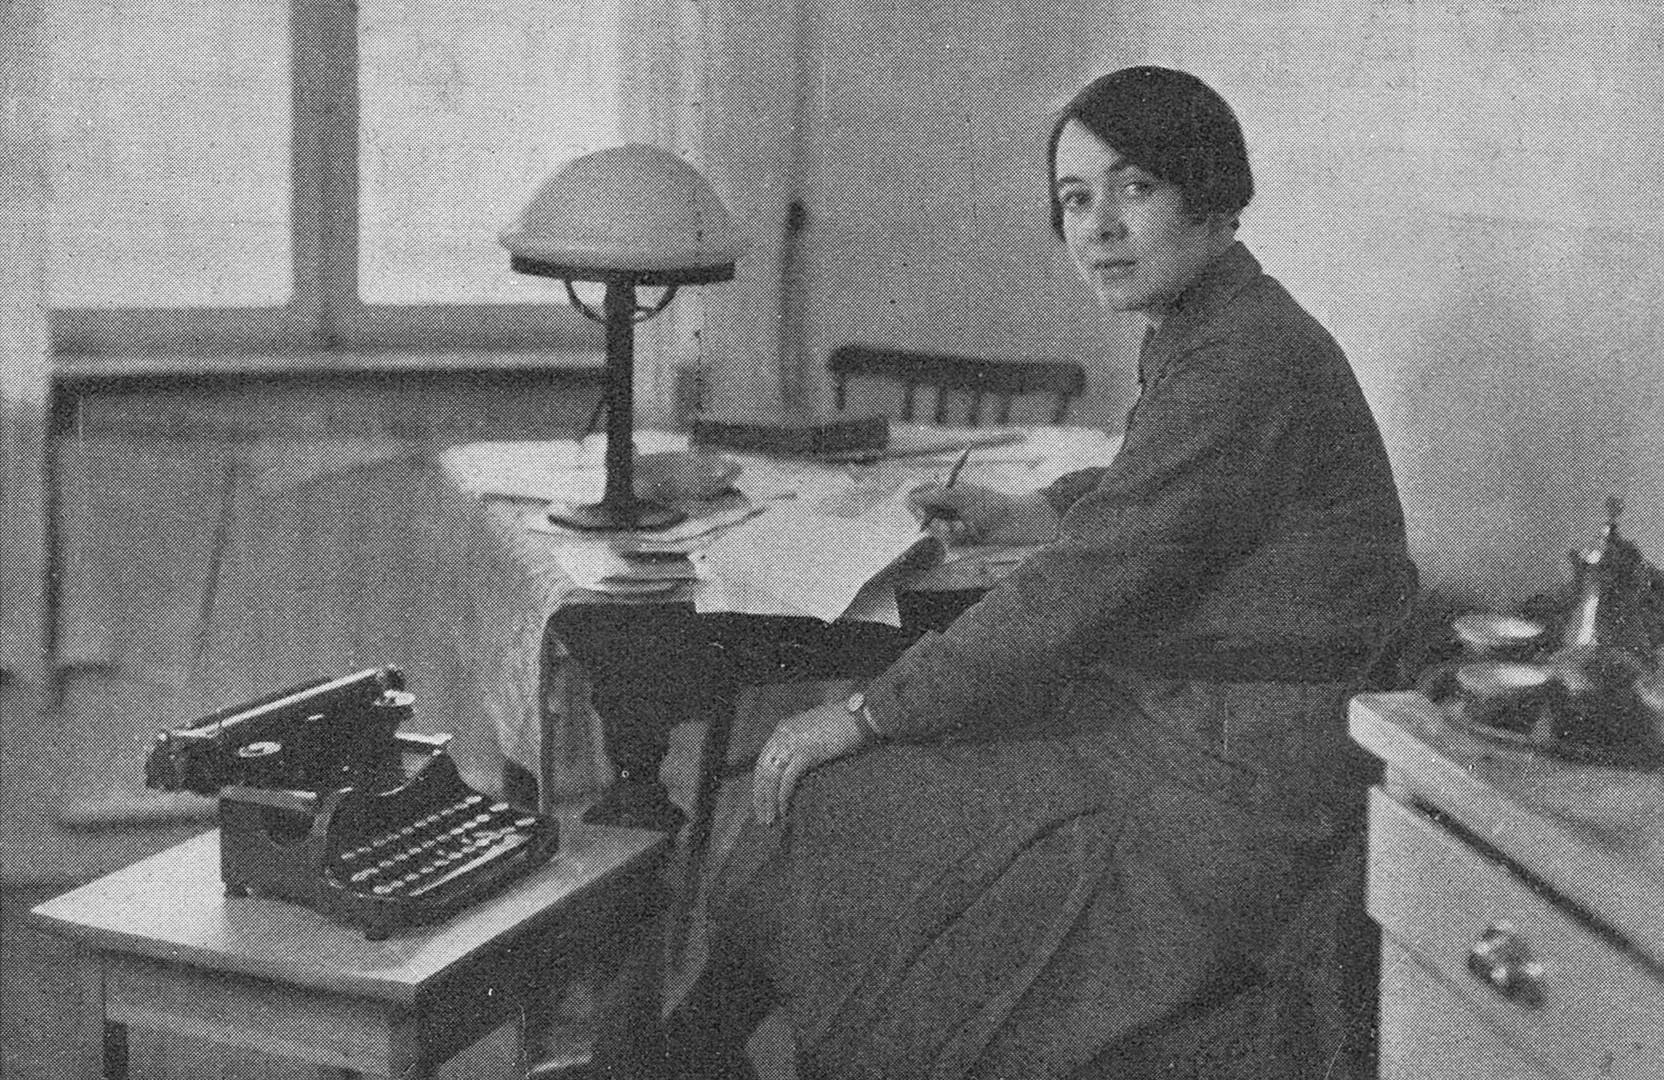 Karin Boye vid sitt köksbord. Idun, 1931, fotograf okänd. Bildkälla: Svenskt Porträttarkiv (CC-BY-NC-SA 4.0)